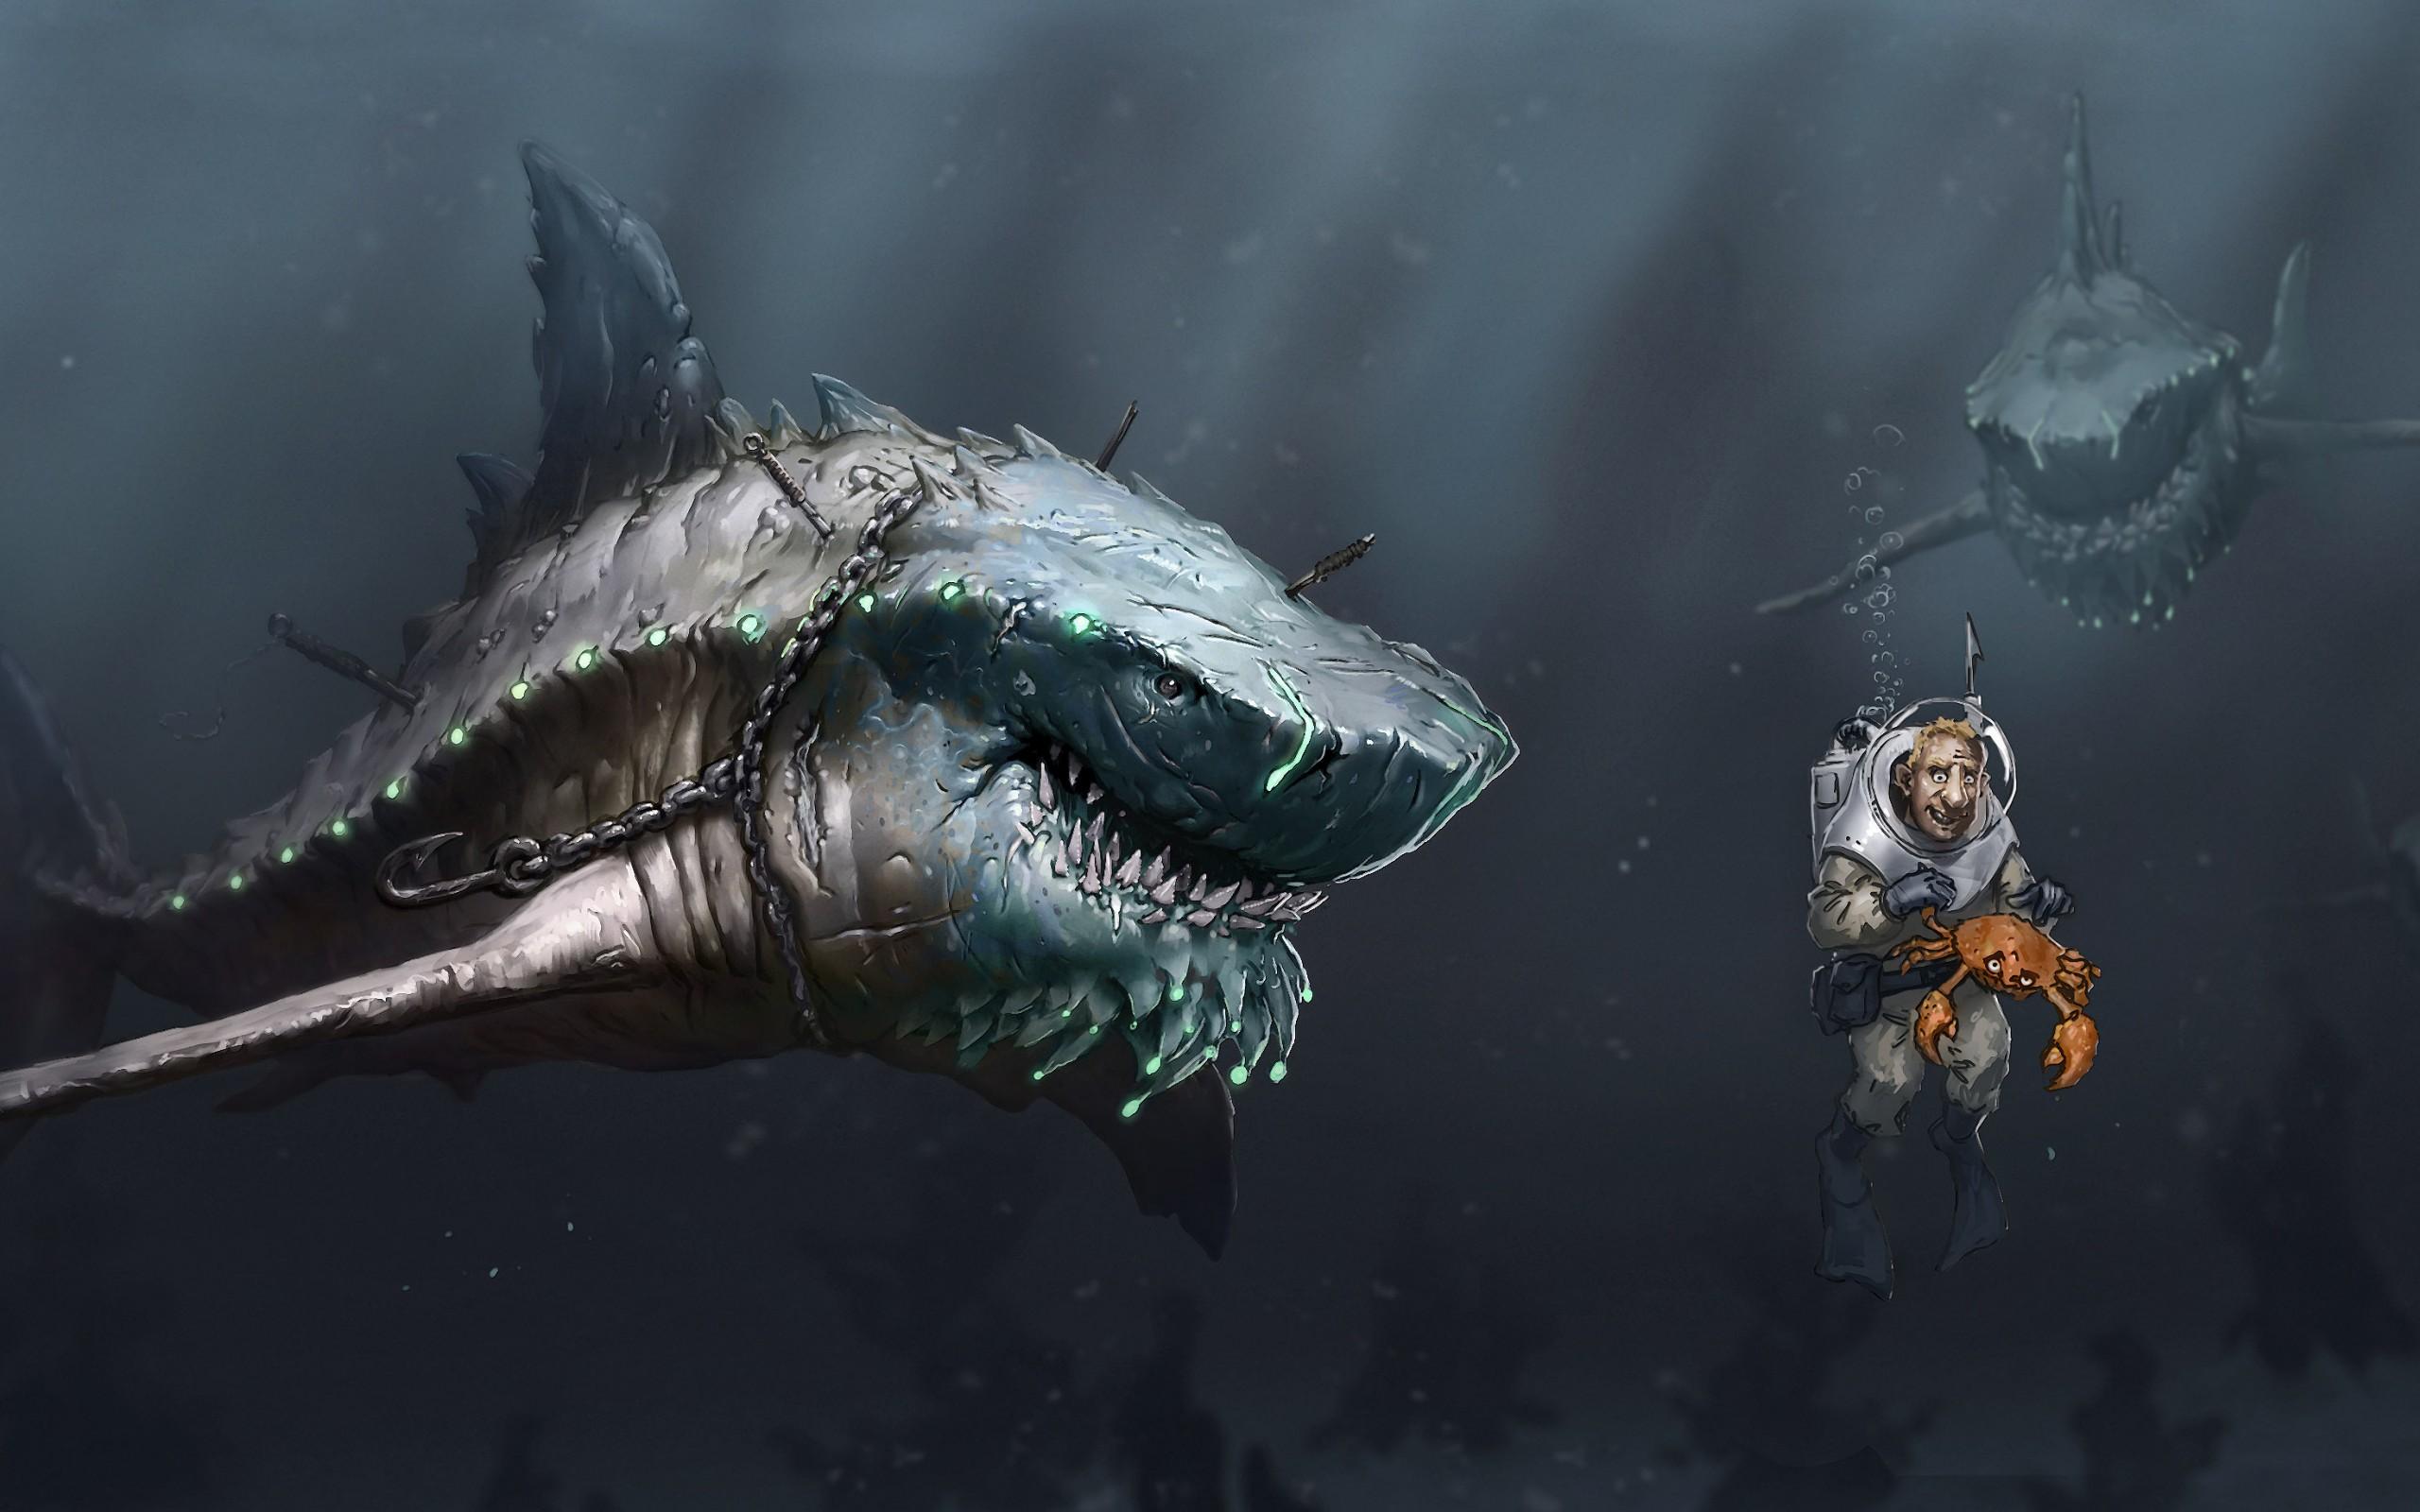 Megalodon Shark 5 HD Screensavers